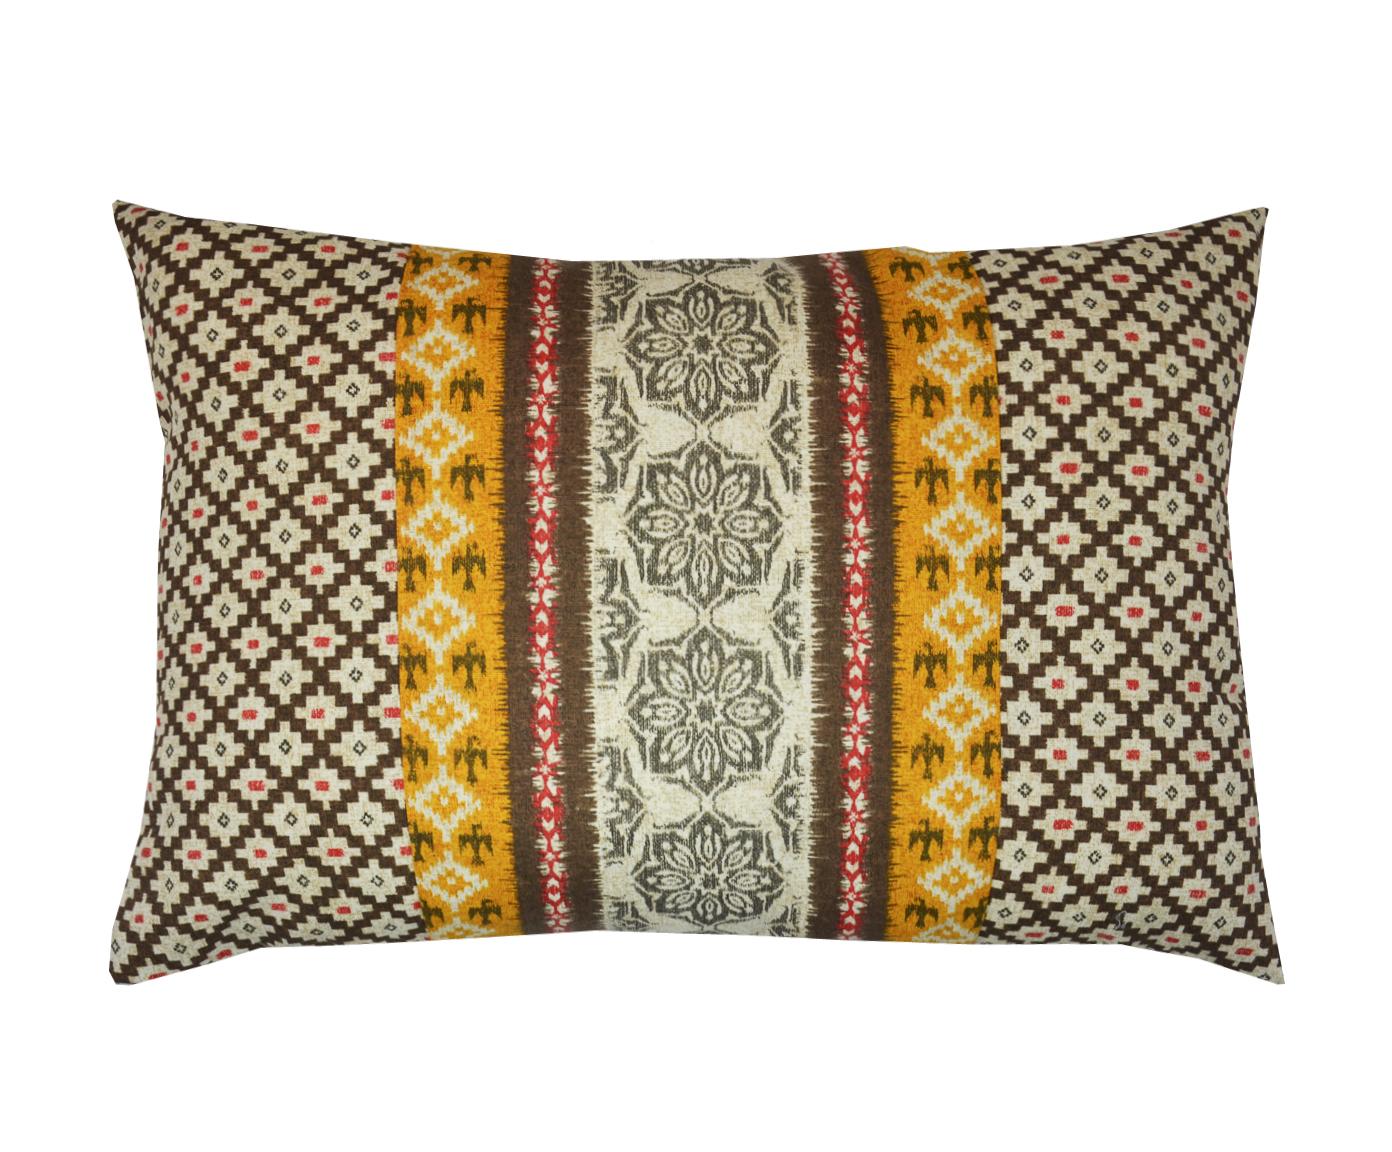 Подушка GranadaПрямоугольные подушки и наволочки<br>Декоративная  подушка .Чехол съемный.<br><br>Material: Хлопок<br>Length см: None<br>Width см: 60<br>Depth см: 15<br>Height см: 40